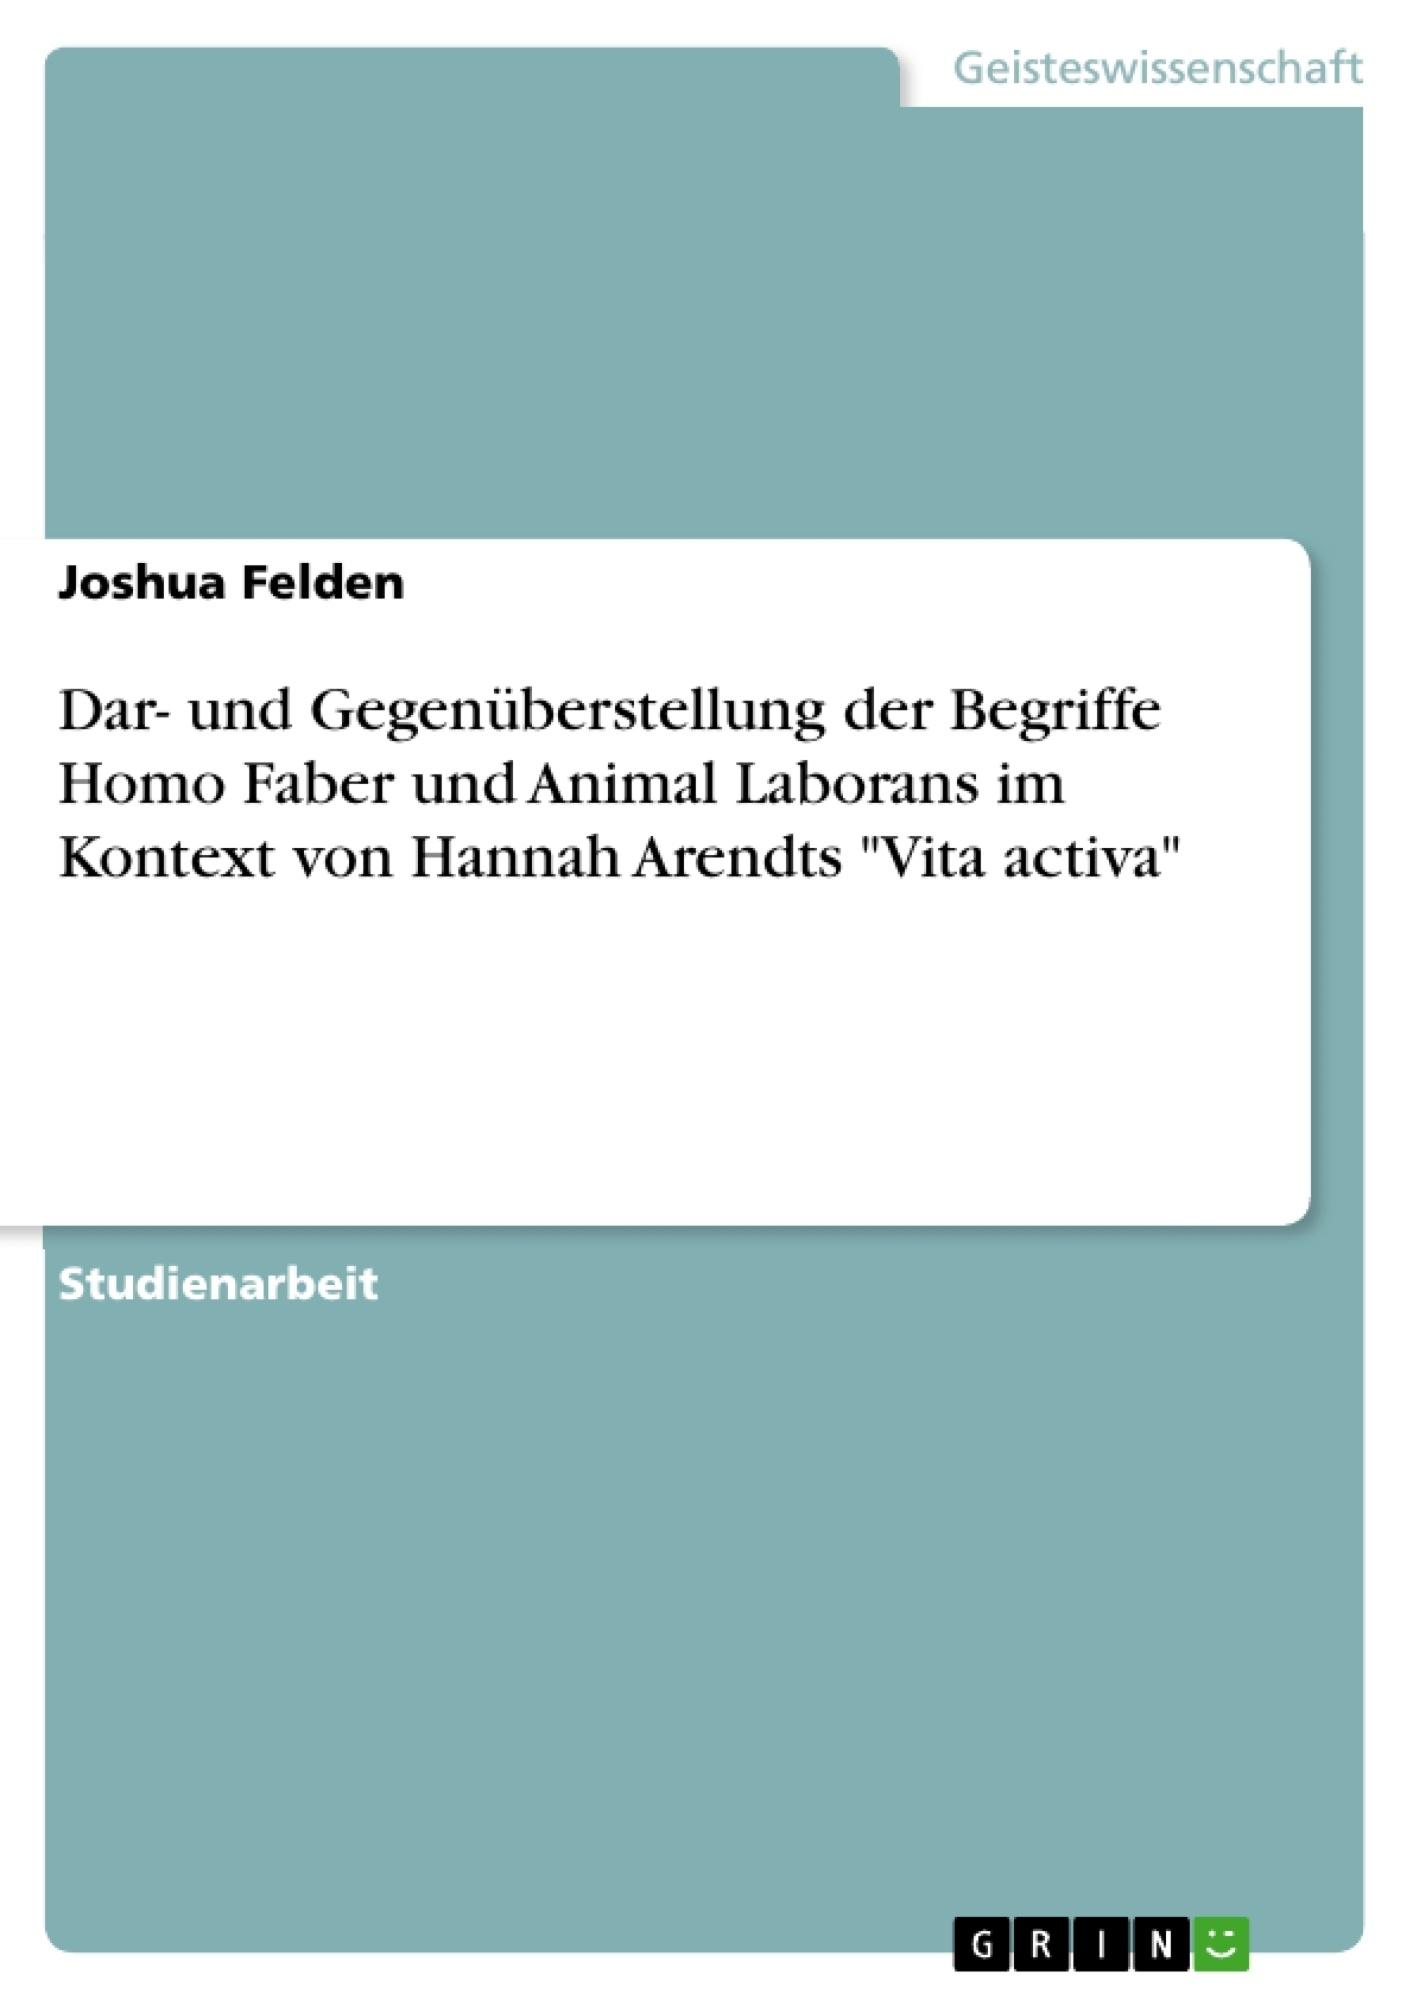 """Titel: Dar- und Gegenüberstellung der Begriffe Homo Faber und Animal Laborans im Kontext von Hannah Arendts """"Vita activa"""""""